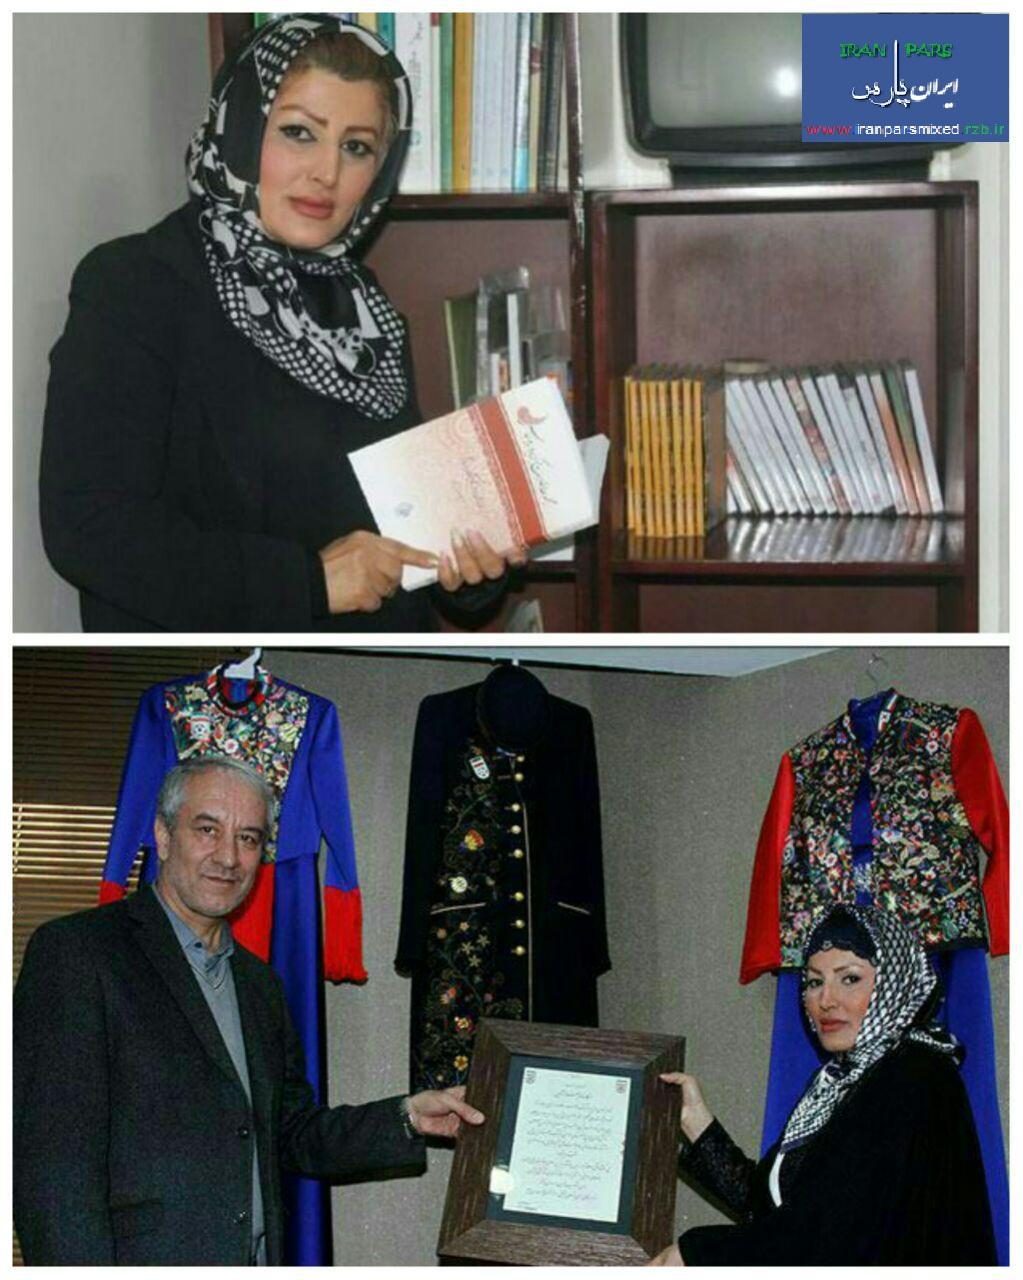 گفت و گوی کوتاه مهناز آرمین طراح لباس کاروان المپیک ایران